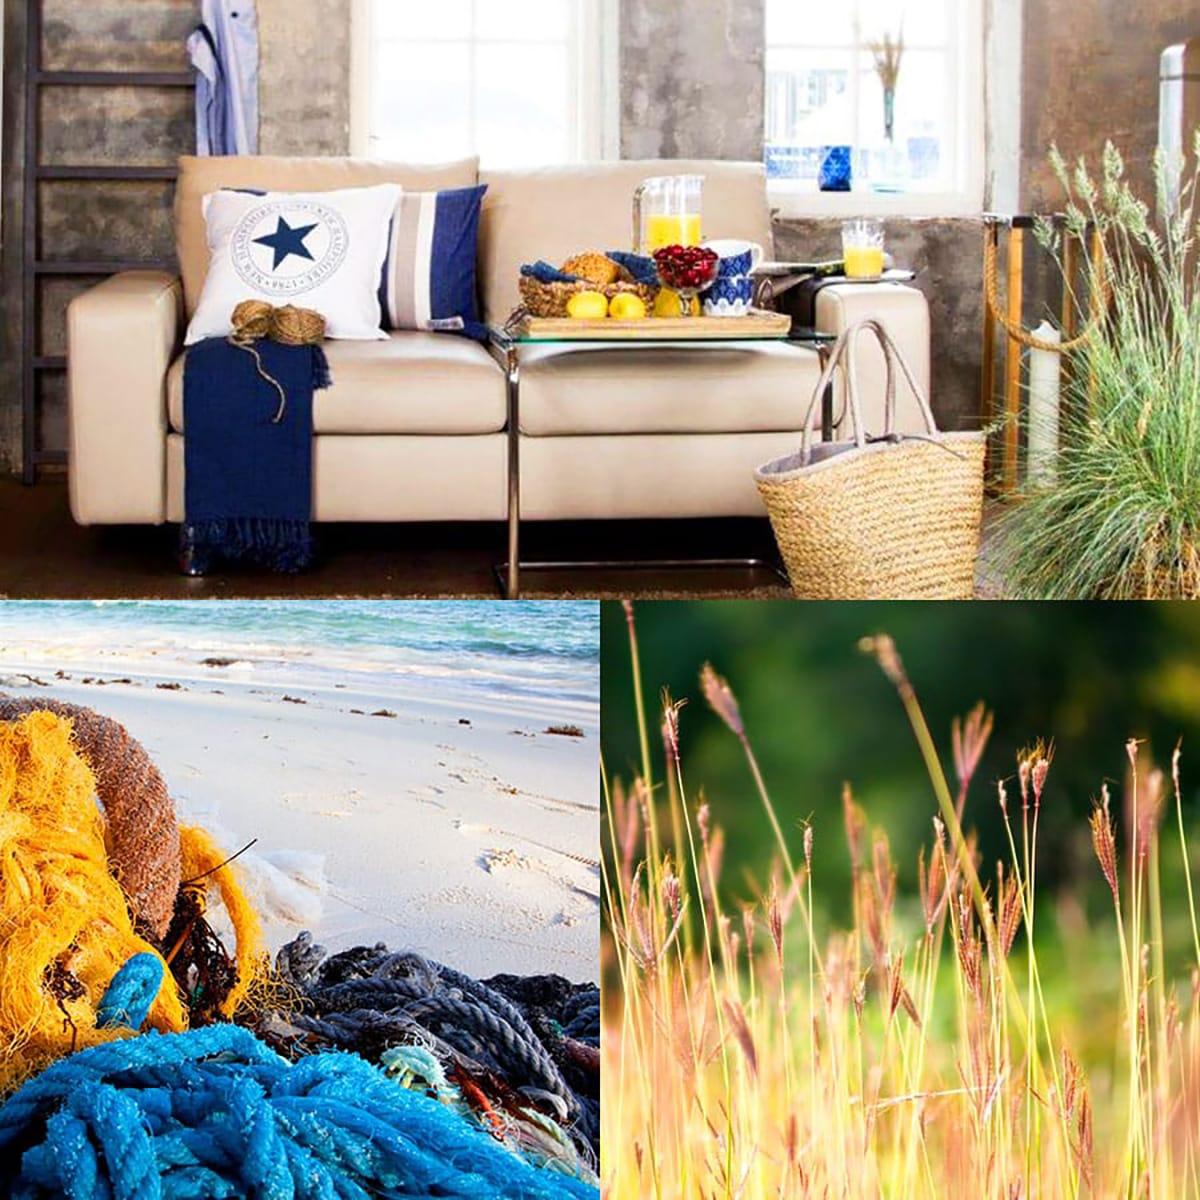 Zu Farbkombinationen in Blautönen passt im Sommer Gelb wunderbar als Farbakzent.